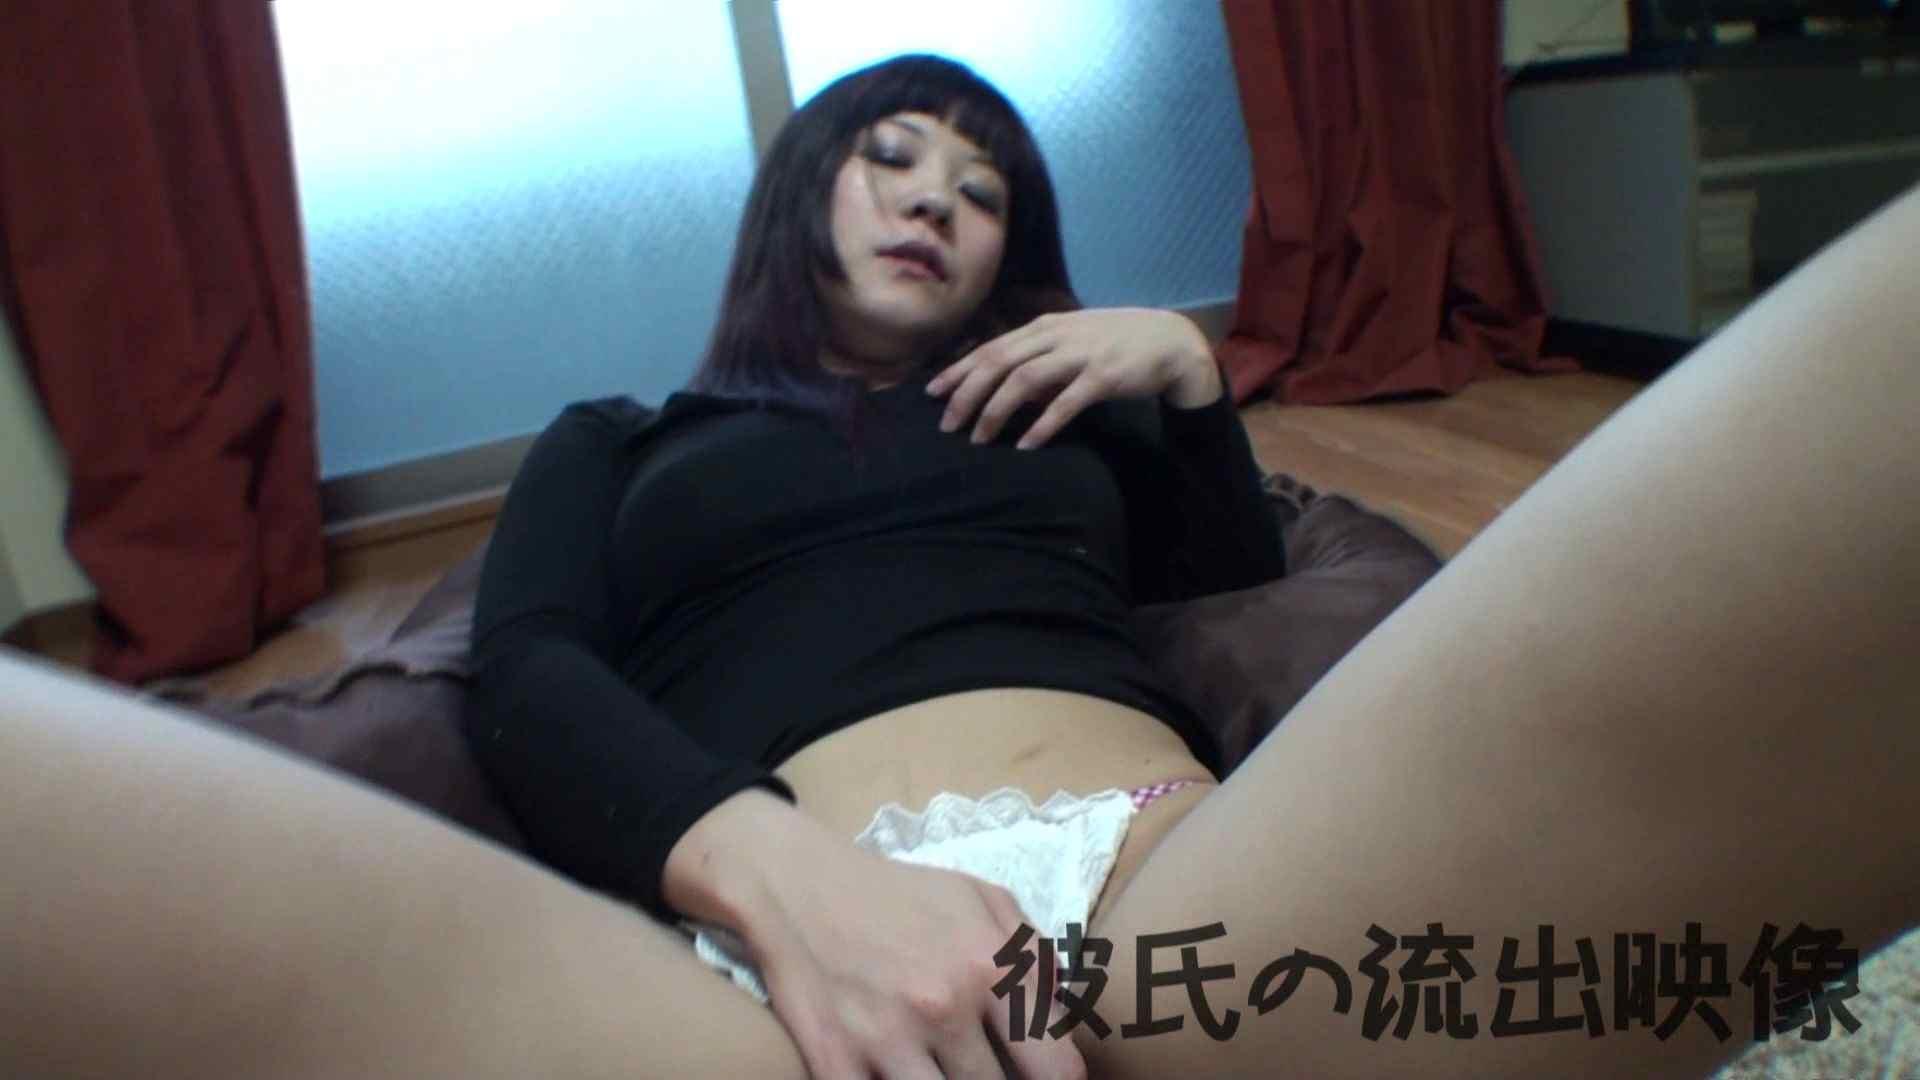 彼氏が流出 パイパン素人嬢のハメ撮り映像04 パイパン | 素人達のヌード  68連発 32